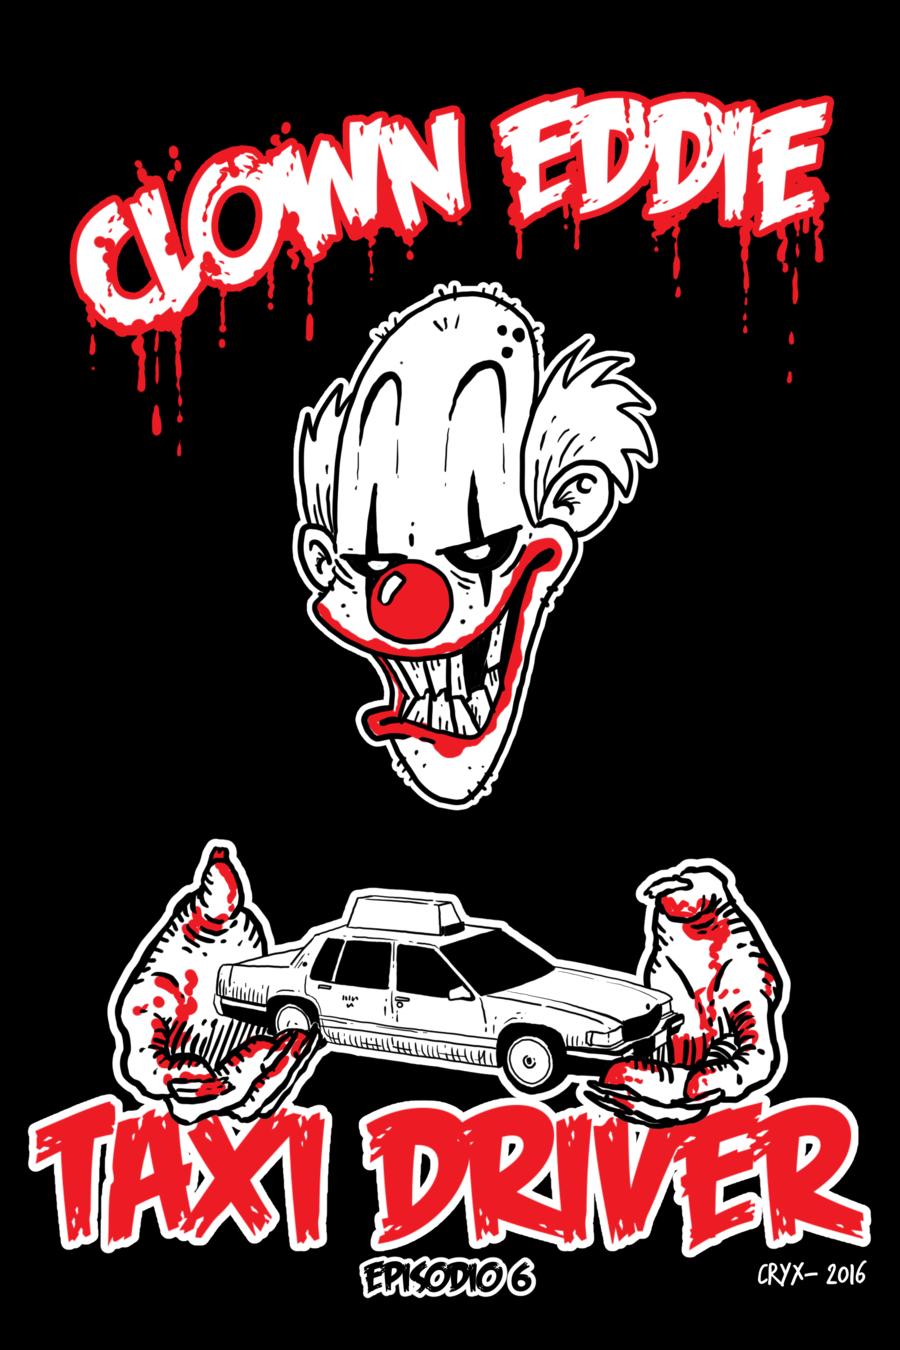 Clown Eddie: Taxi driver